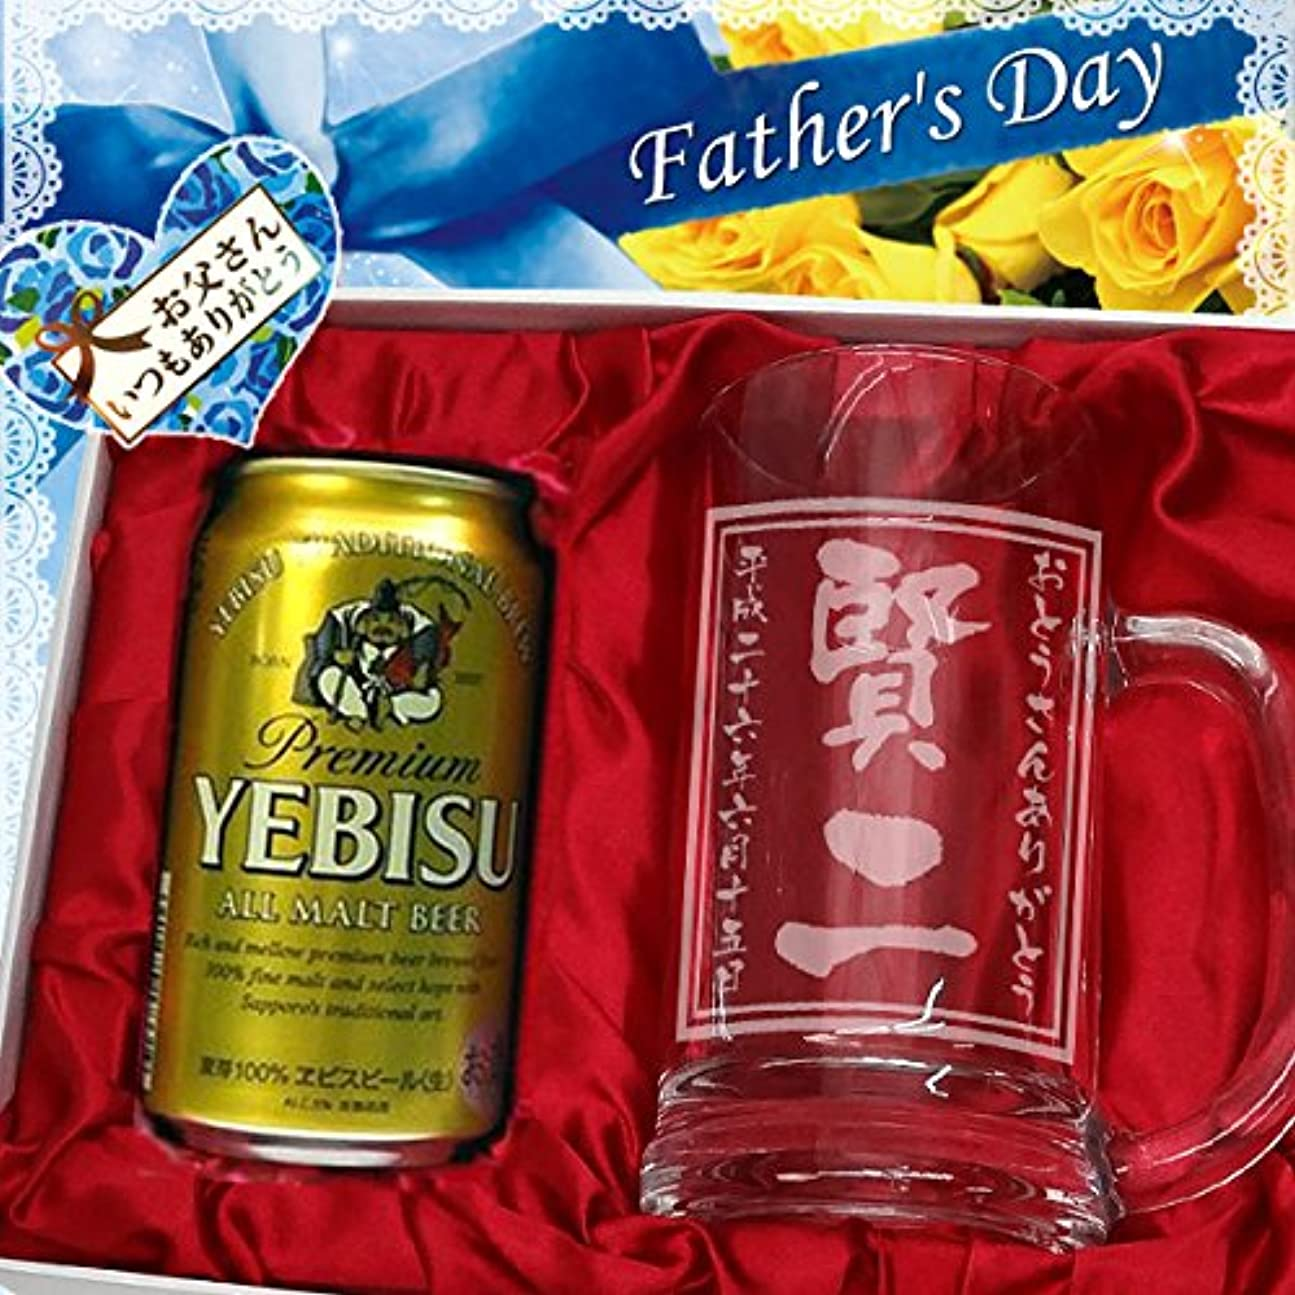 メイド突進独創的父の日ギフト 名入れ彫刻ビールジョッキ&エビスビールセット